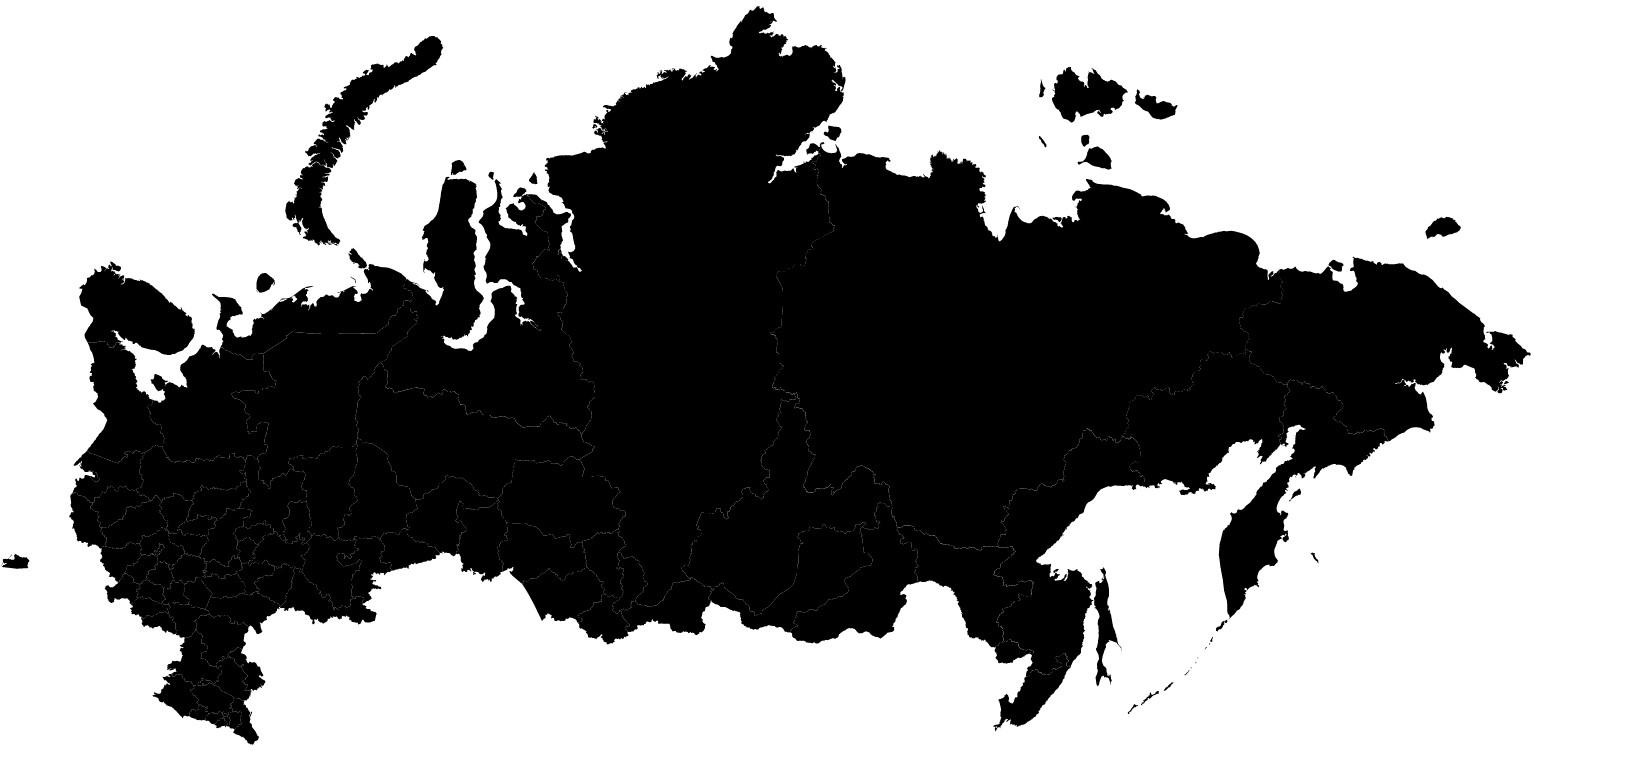 Интерактивная карта субъектов России для новичка. Ошибки, которые допустил я и которые не должны допустить вы - 2